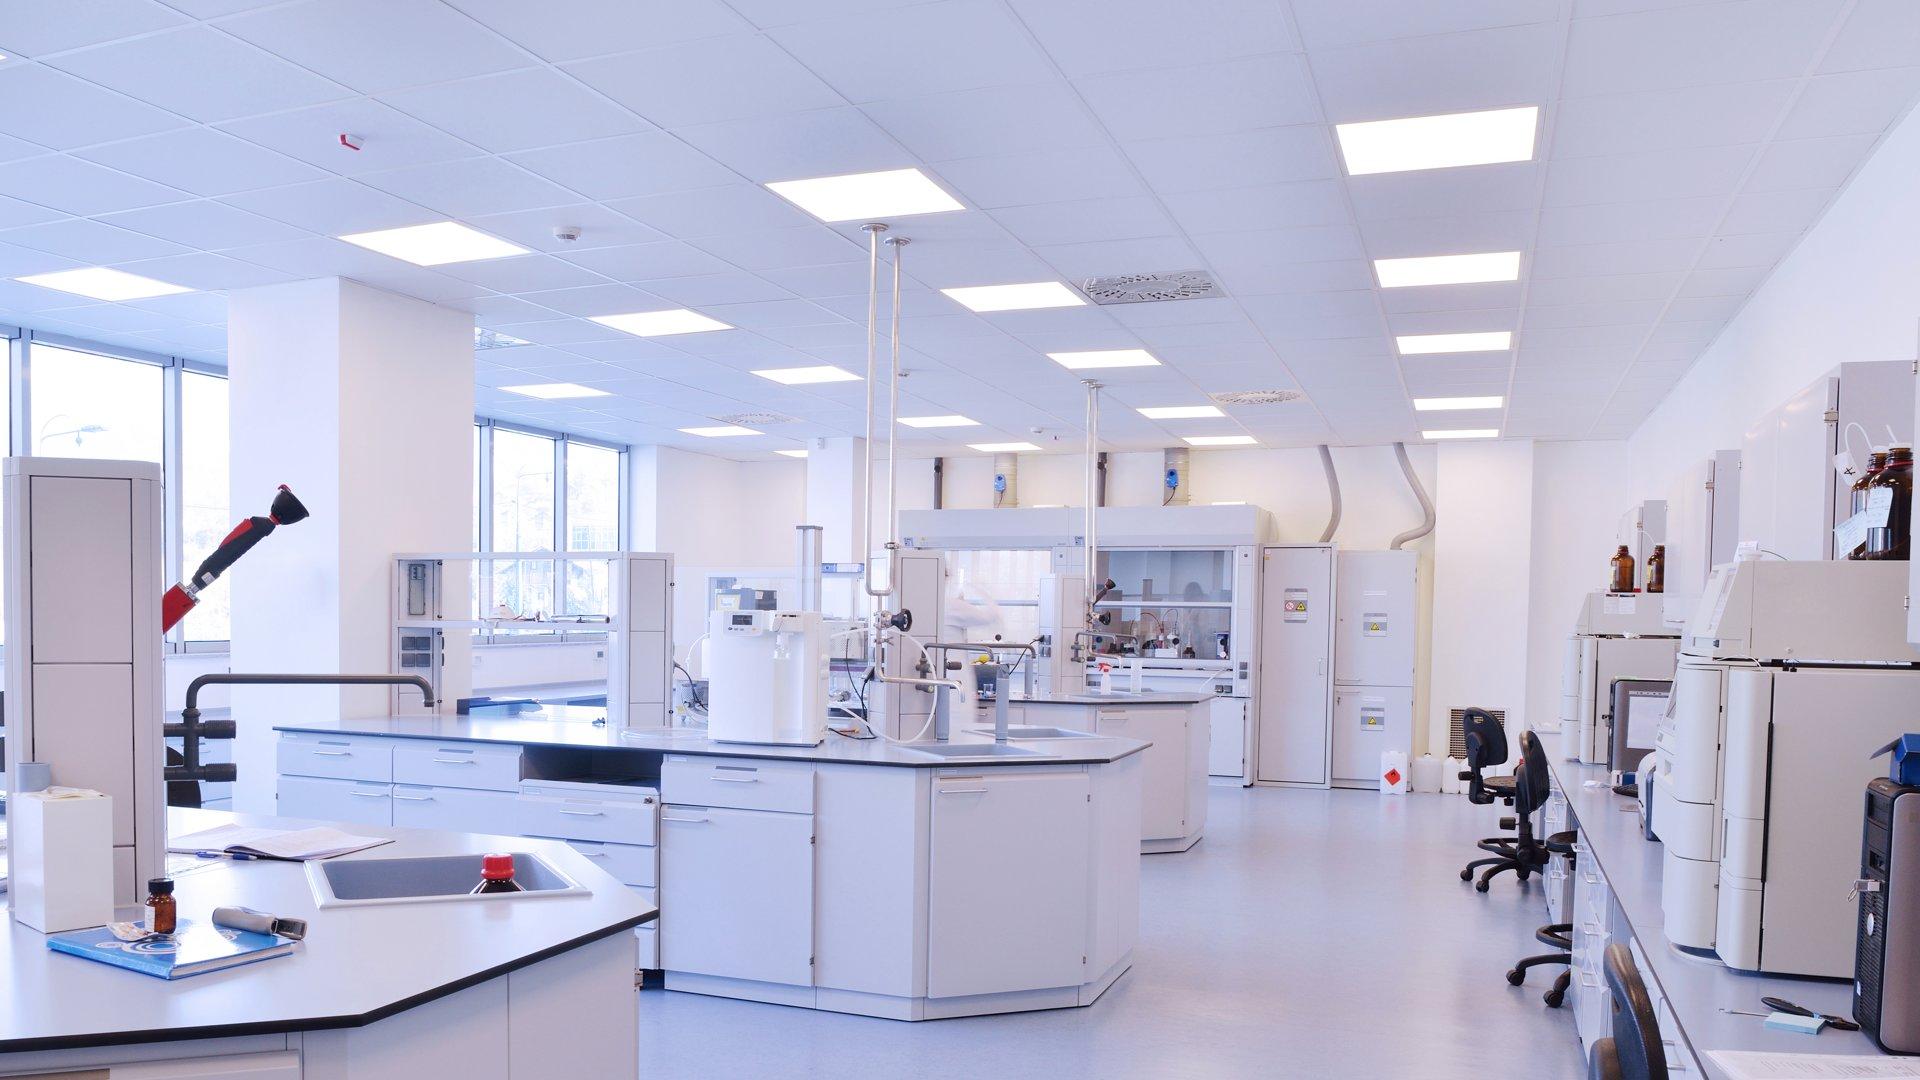 Anwendung des Panels WEGA ALL-IN in einem Labor